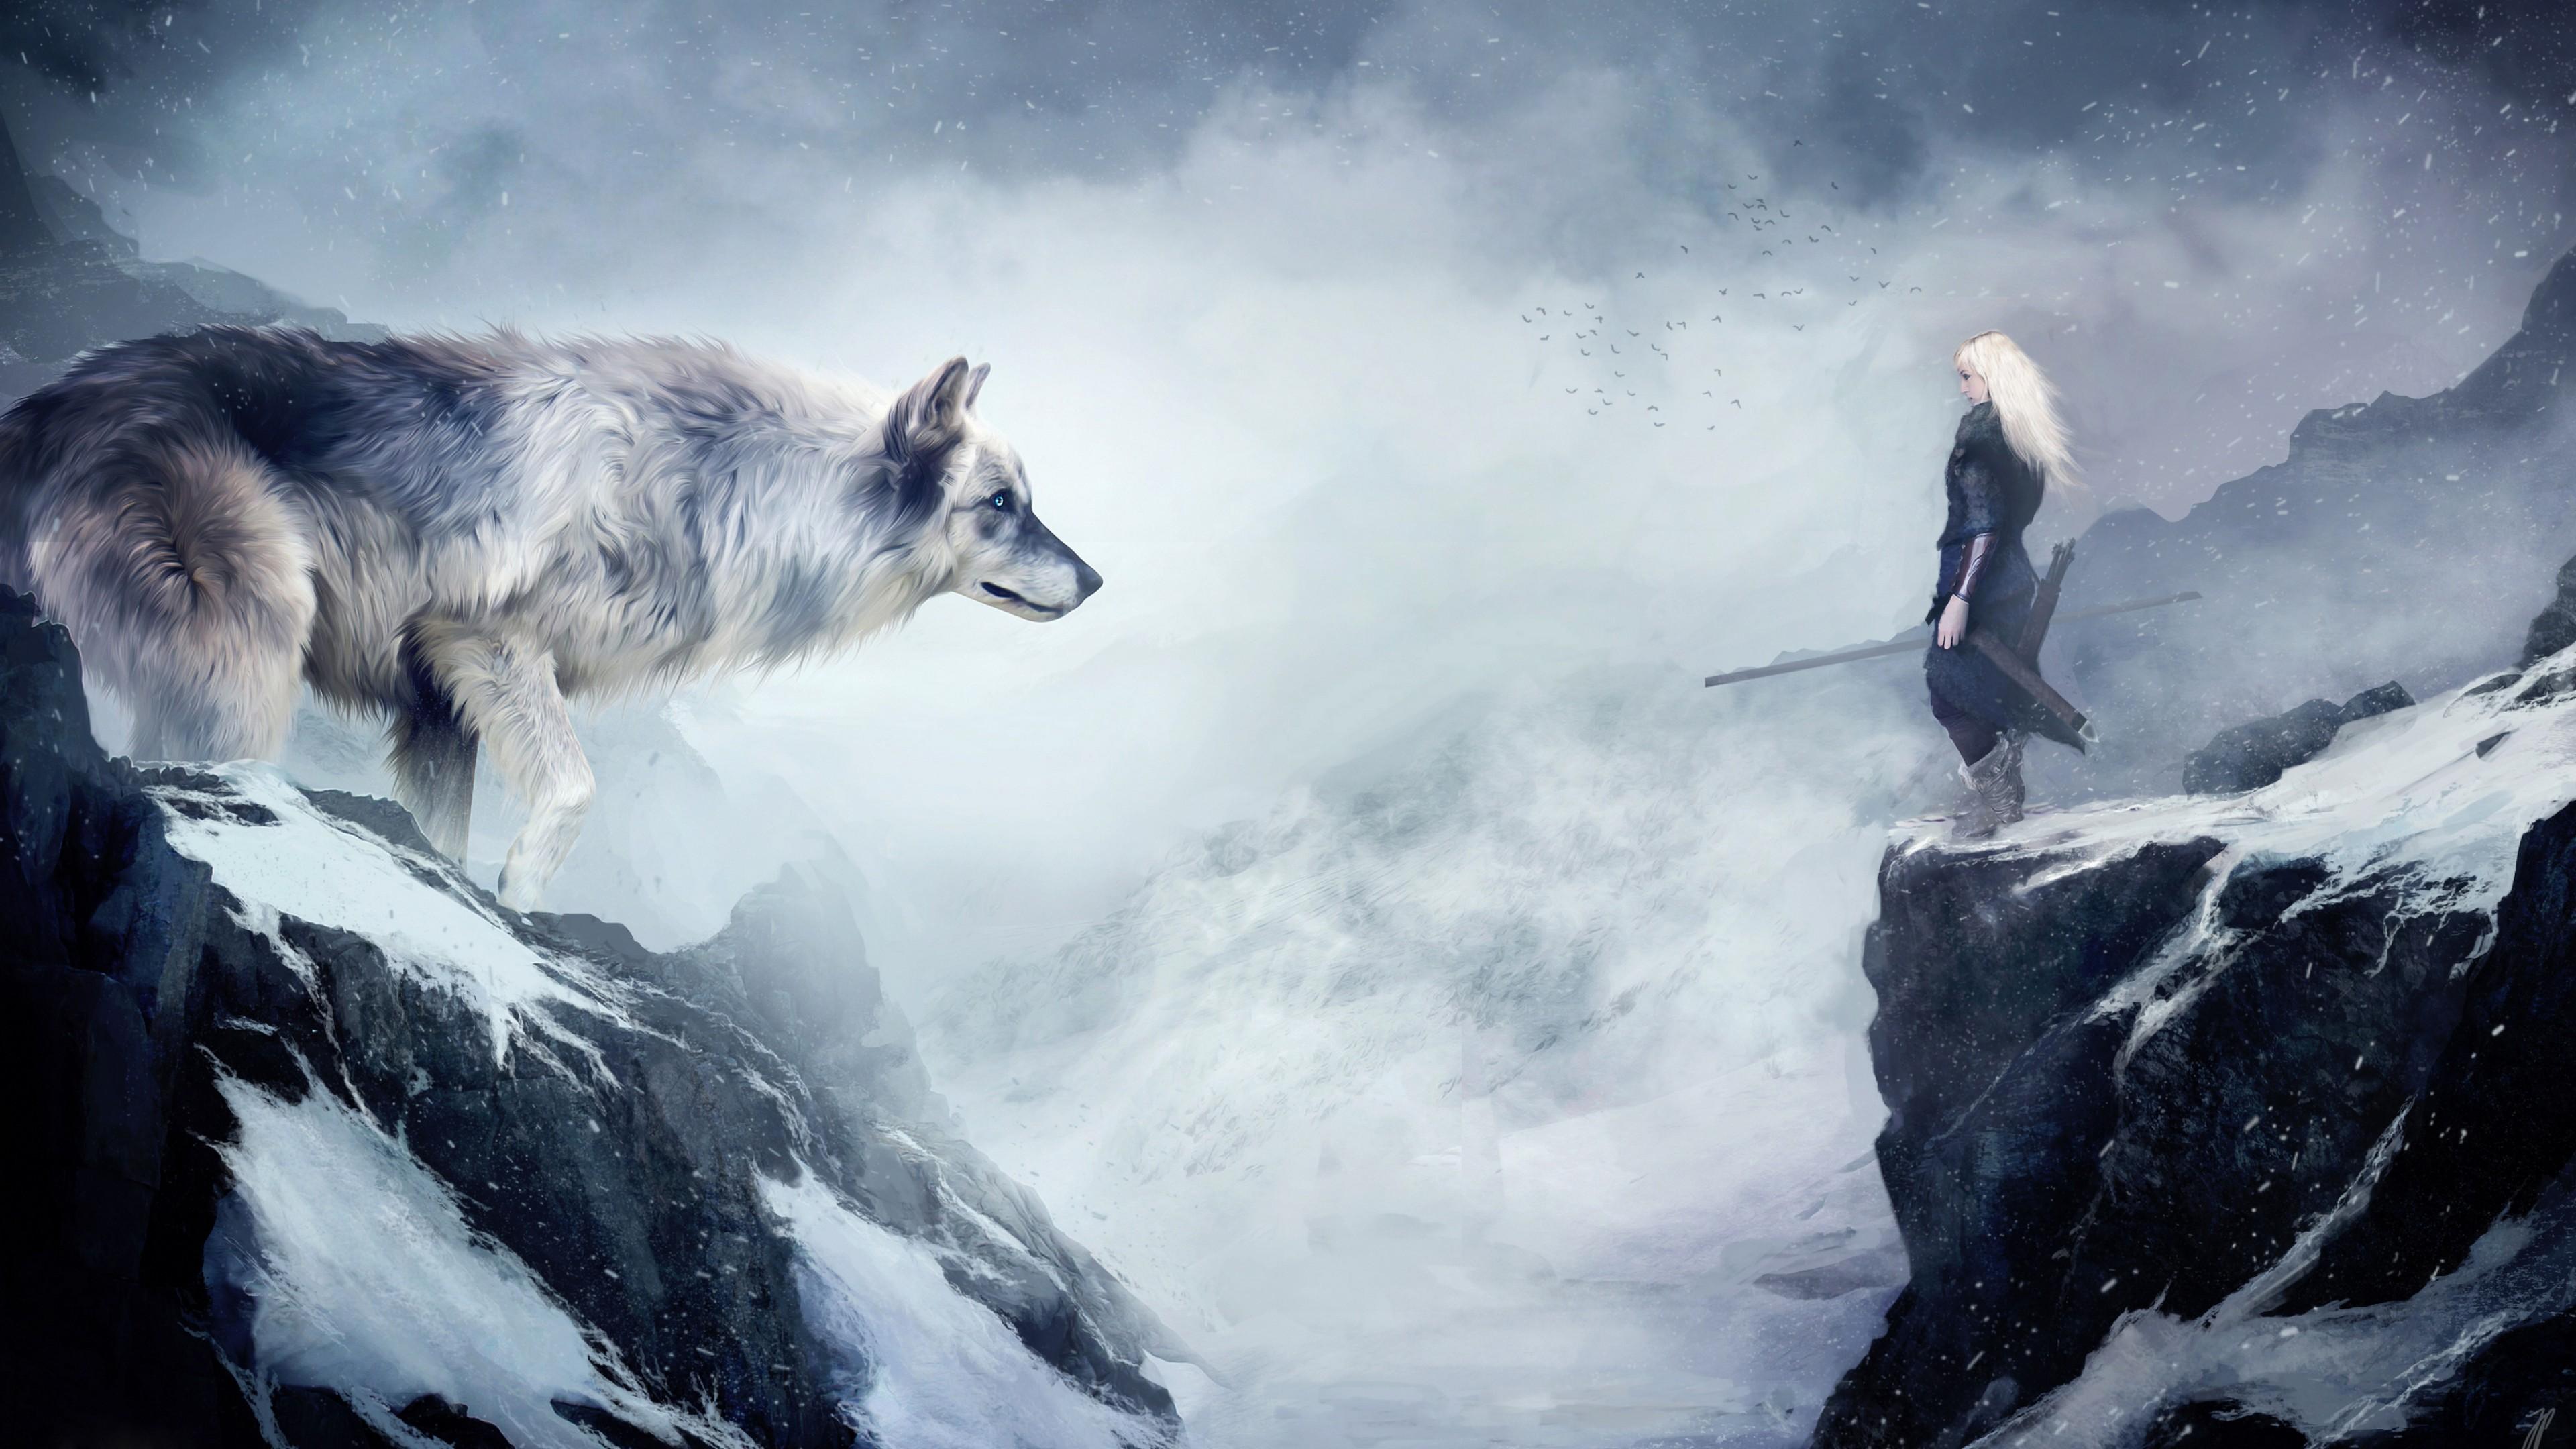 Обои На Телефон Волк Фэнтези